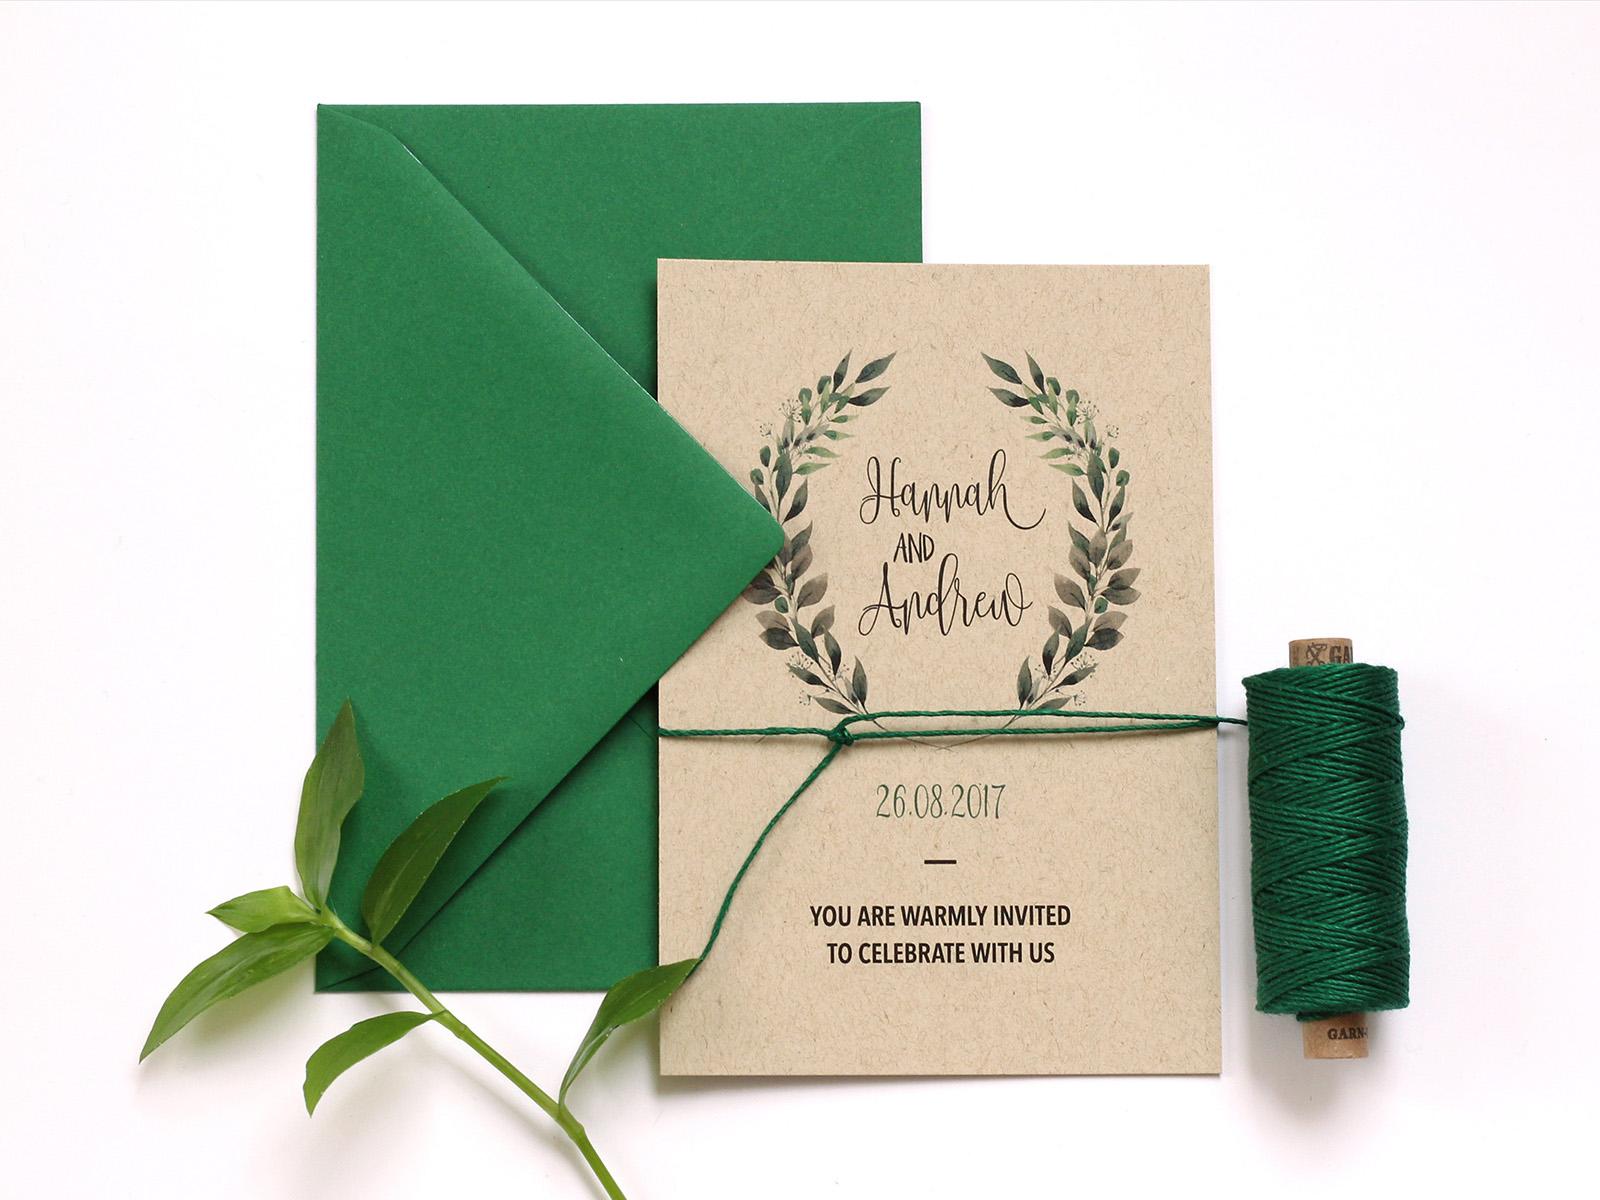 Hochzeitseinladung auf Kraftpapier mit dem Farbset Grün